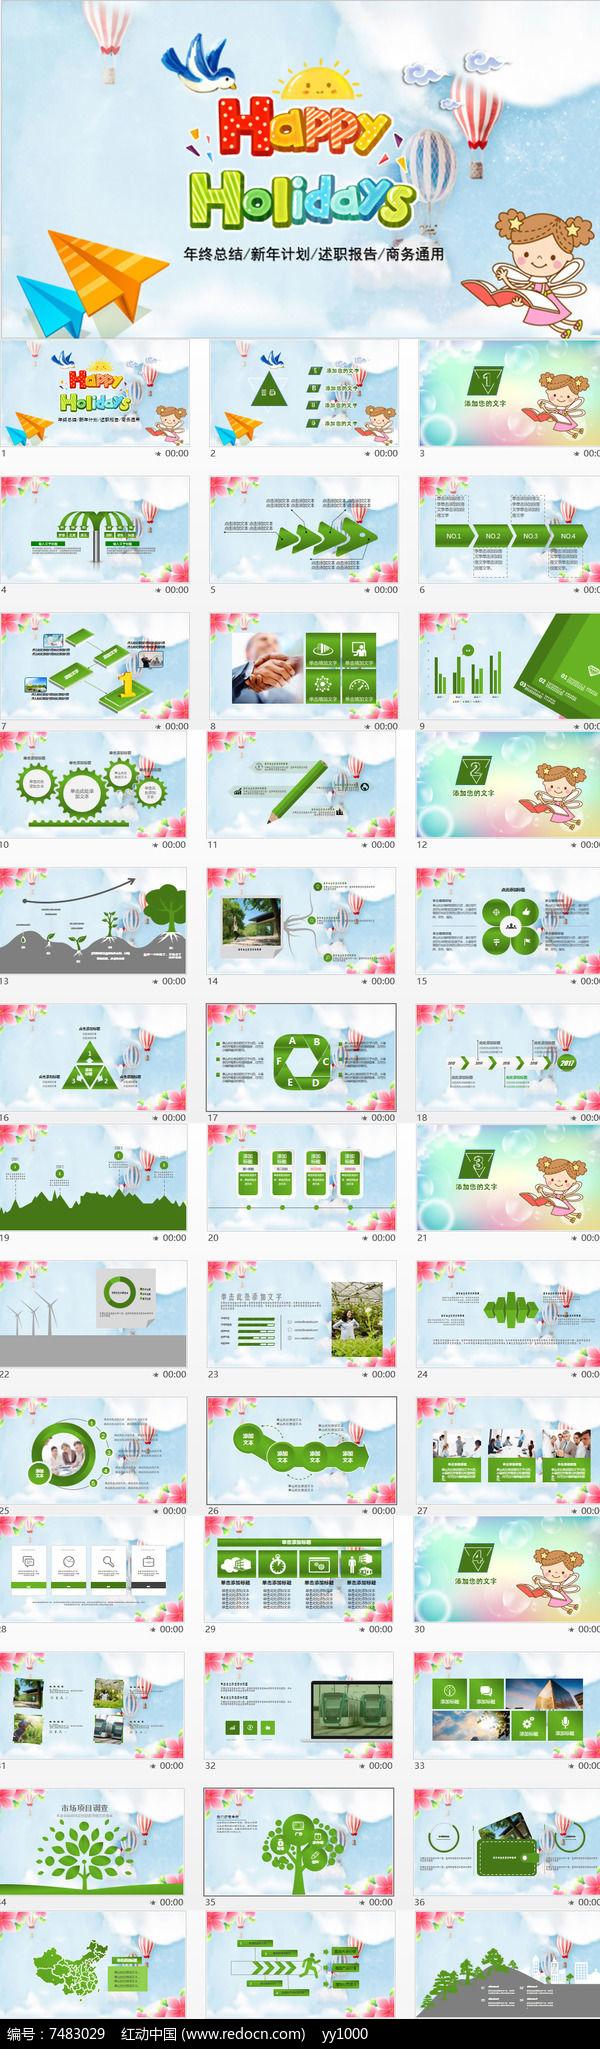 教育教学卡通儿童小学生幼儿园PPT课件图片